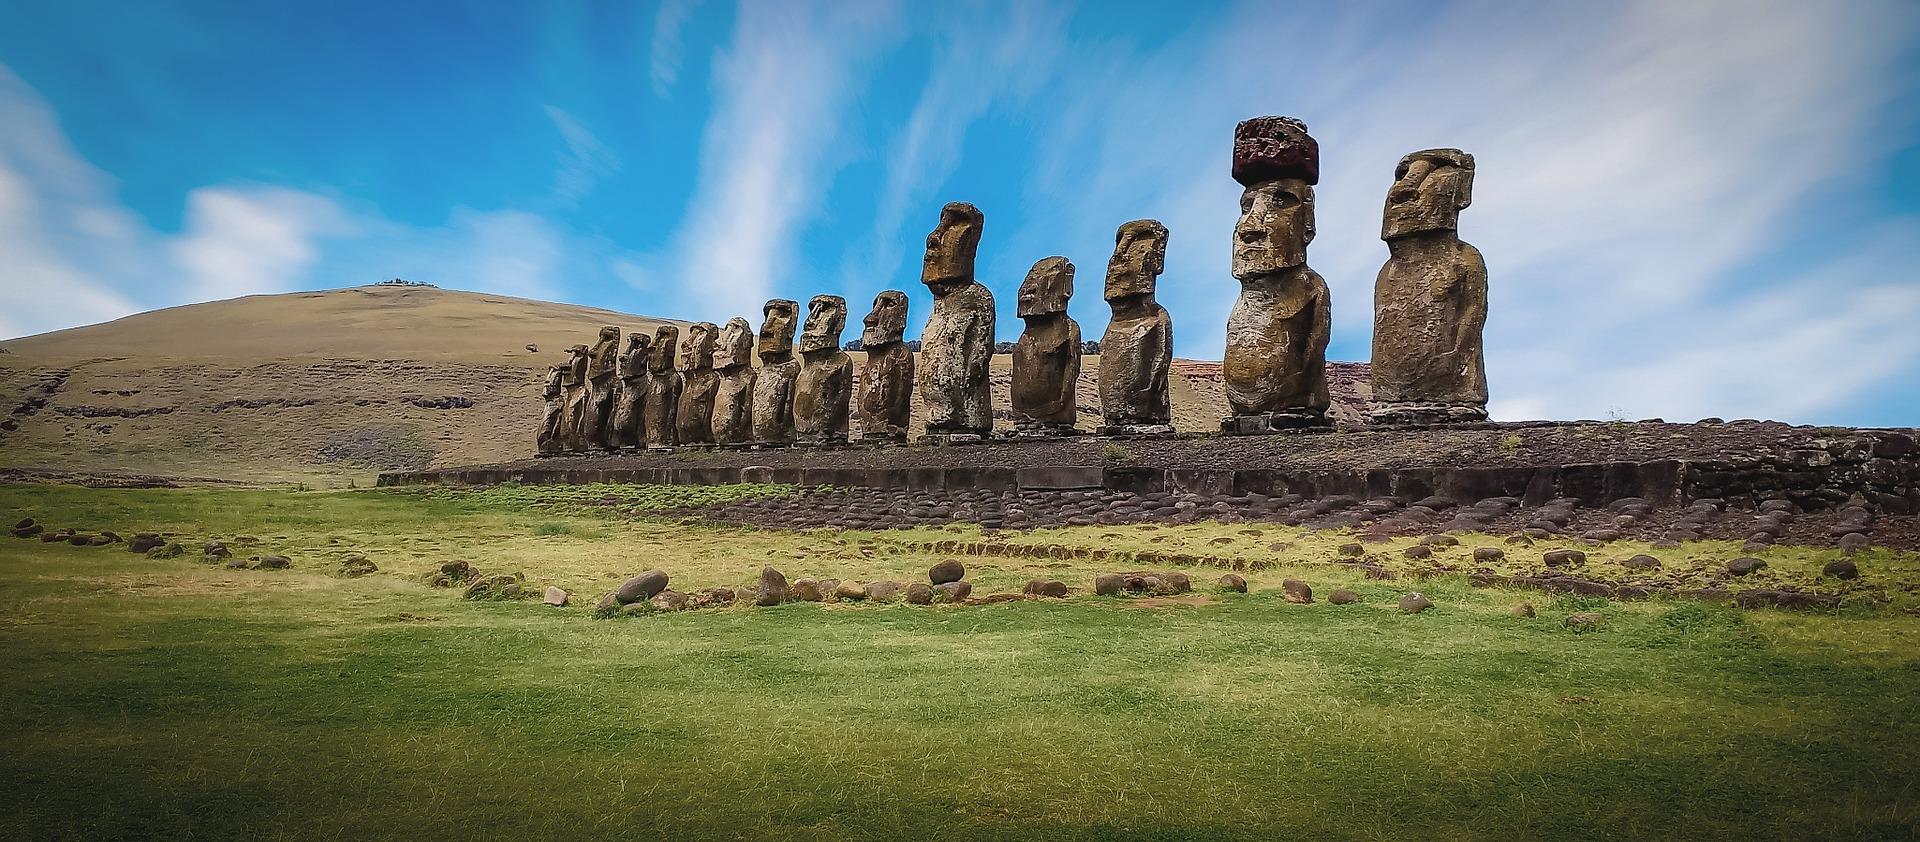 chili, île de pâques, amérique du sud, amérique latine, archéologie